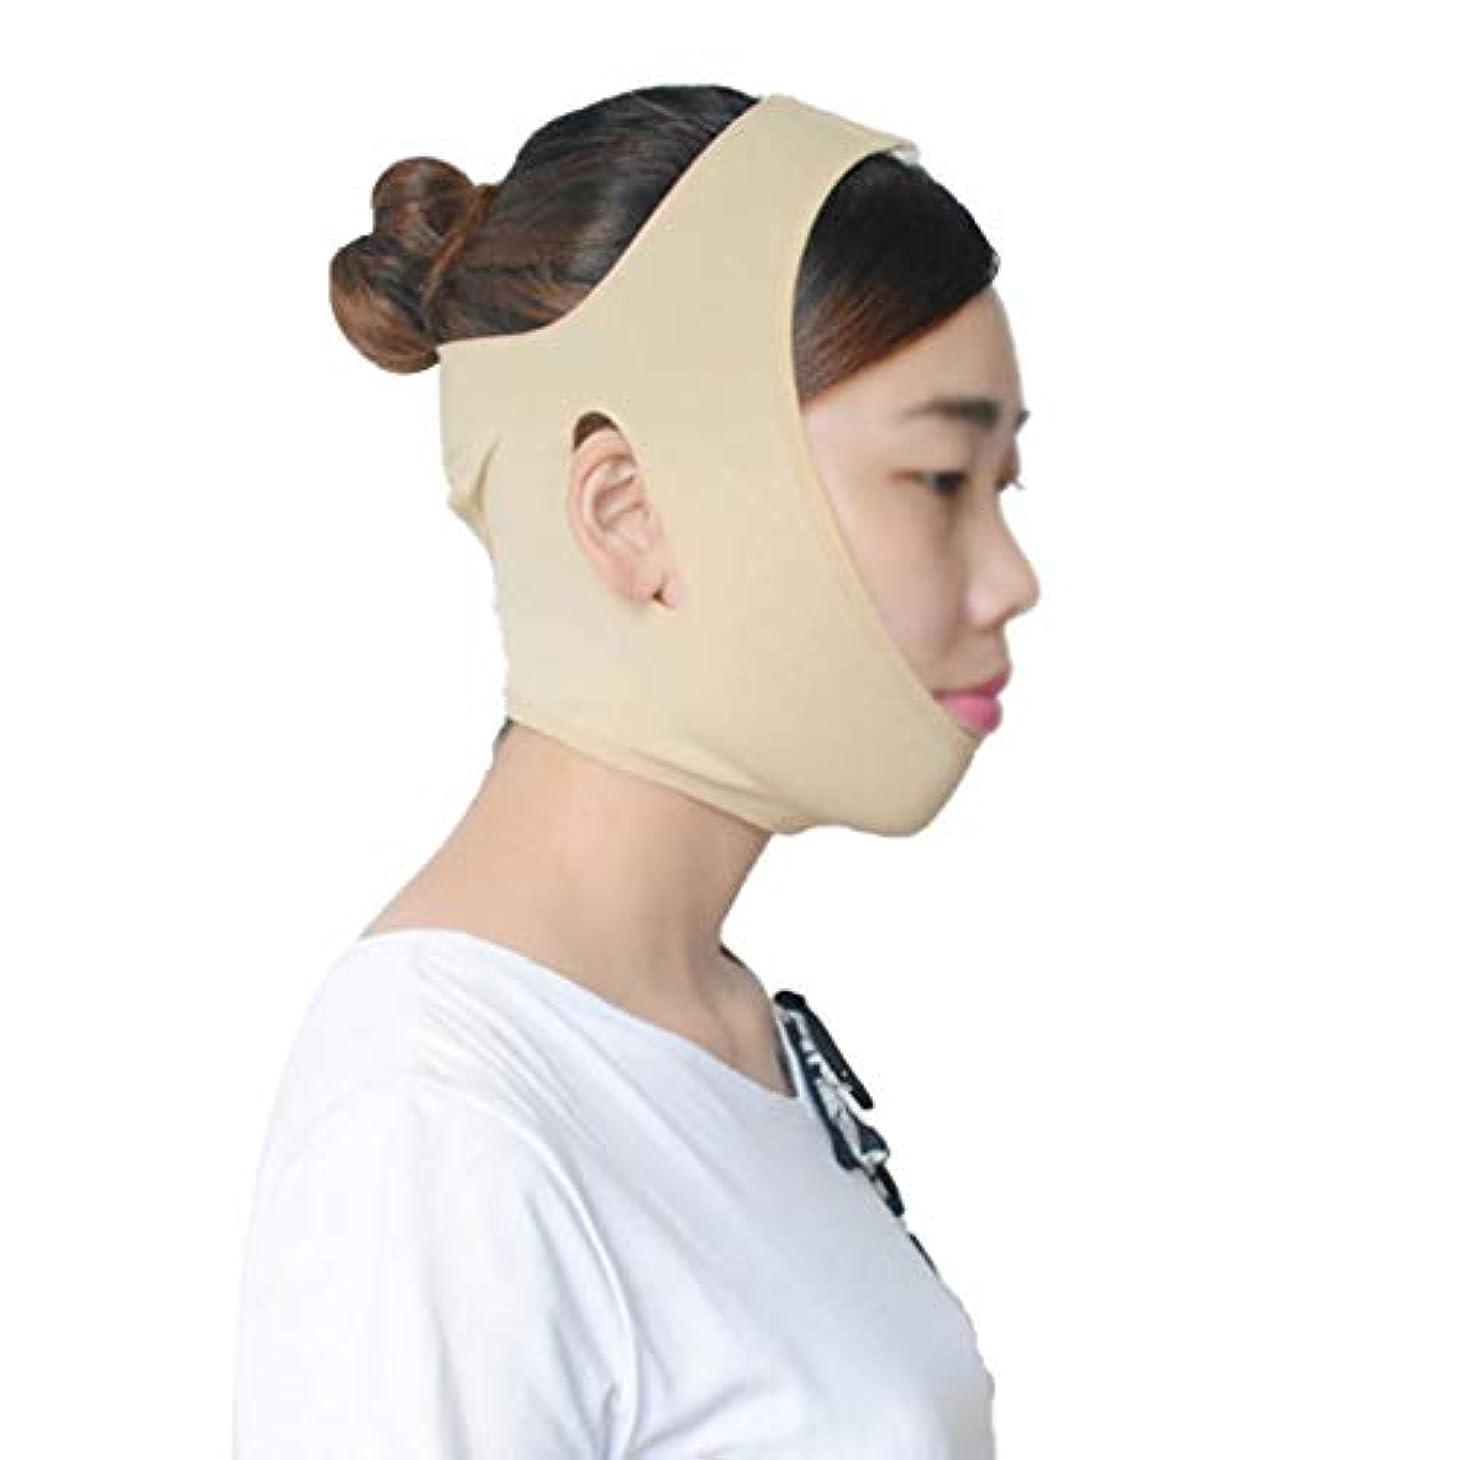 避けられない蓋シュートXHLMRMJ 引き締めフェイスマスク、フェイスリフトマスク強力なフェイスリフティングツールフェイスビューティフェイスリフティングフェイスマスク引き締めフェイスリフティングフェイスリフティングフェイスリフティング包帯 (...